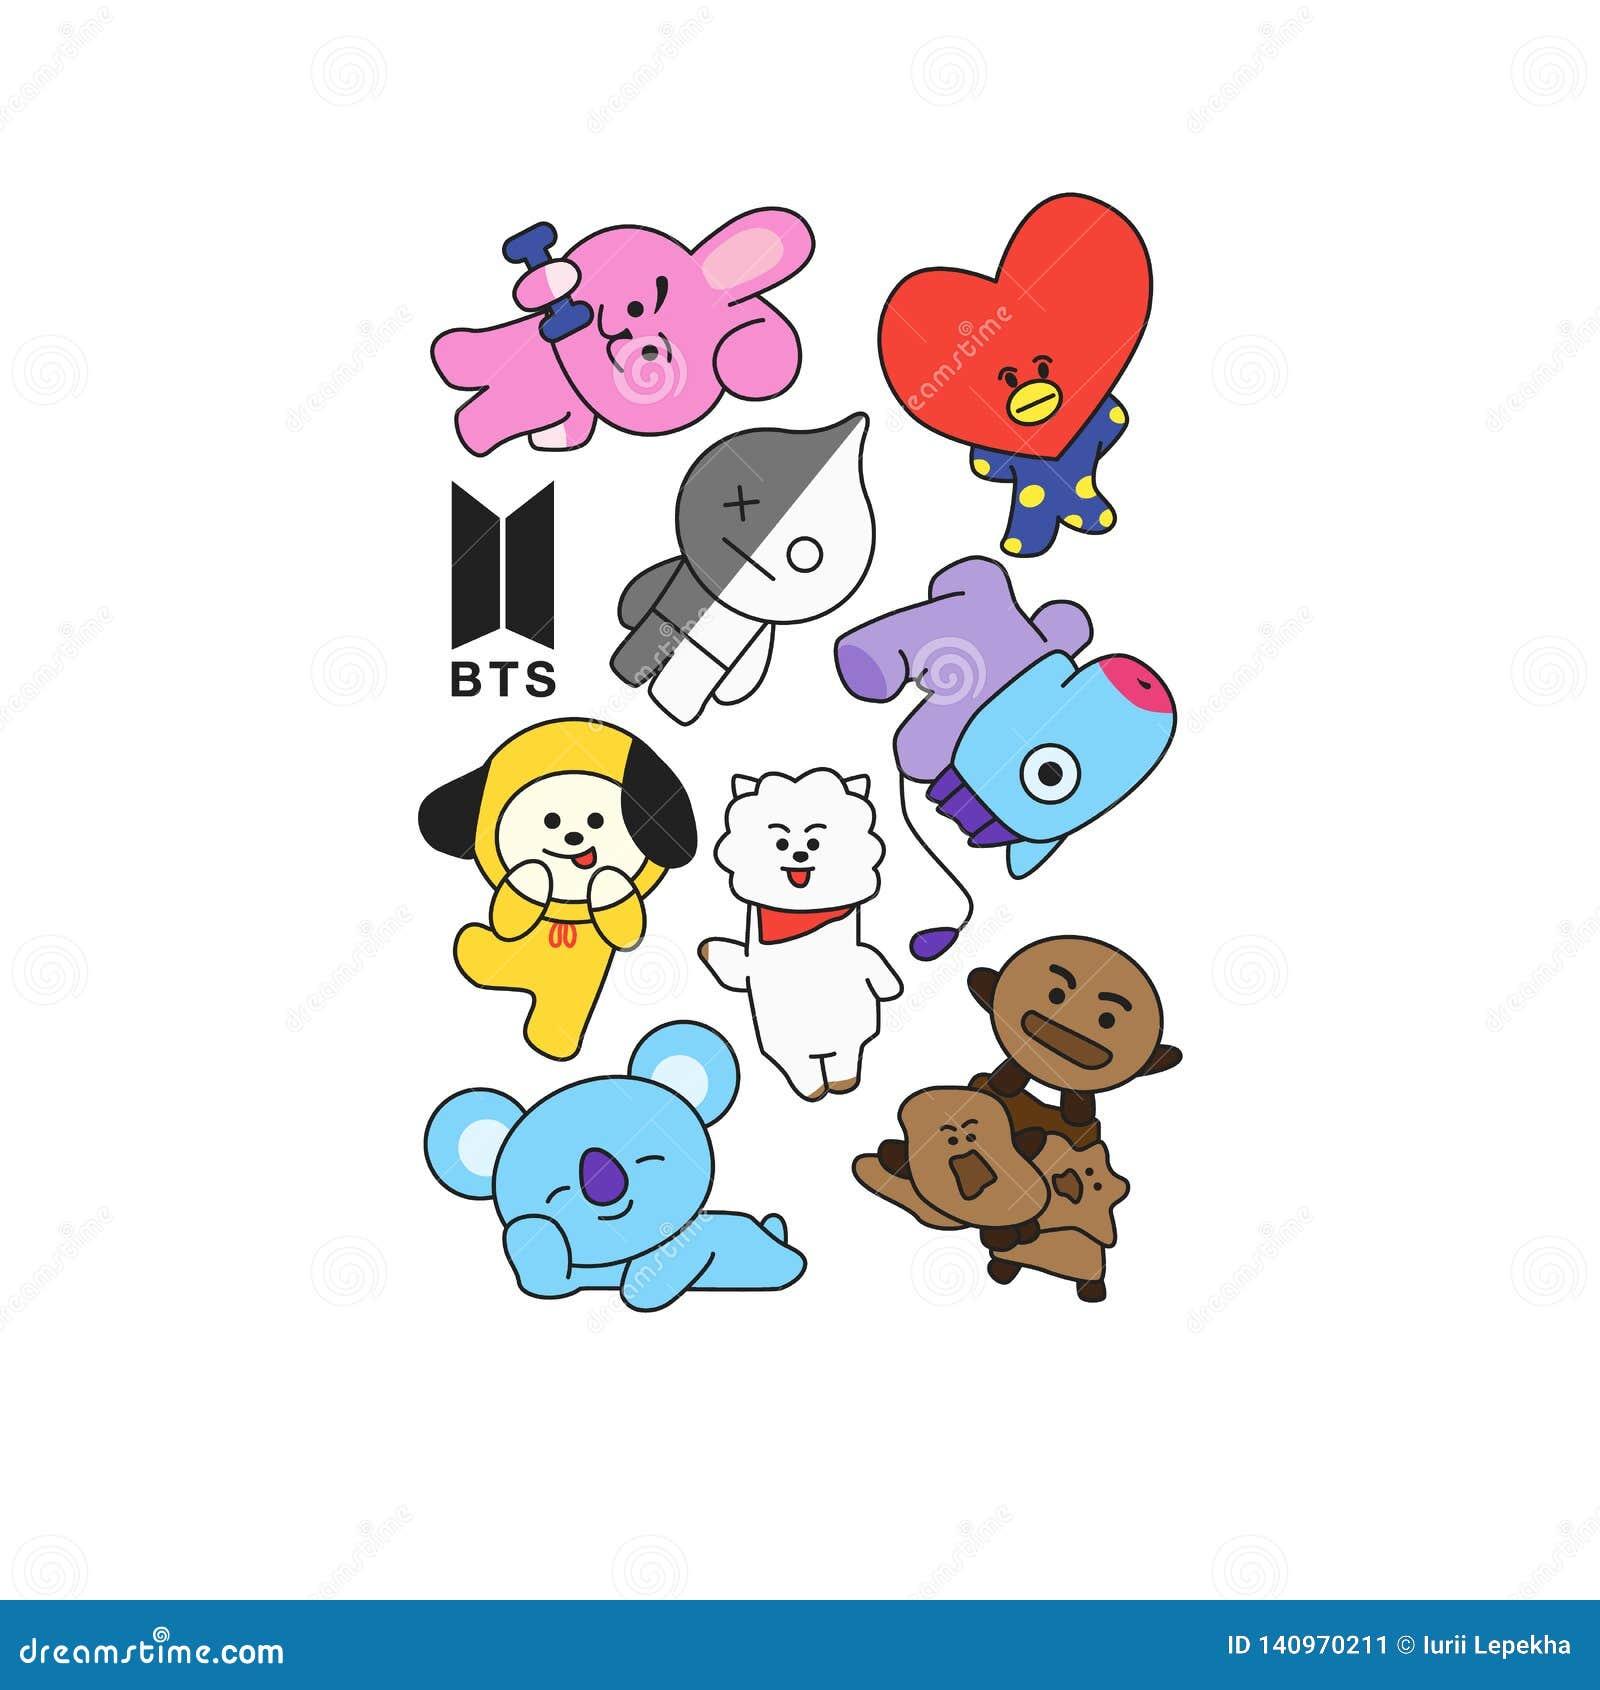 BTS - Bande sud-coréenne de garçon Copie pour des T-shirts Illustration de vecteur